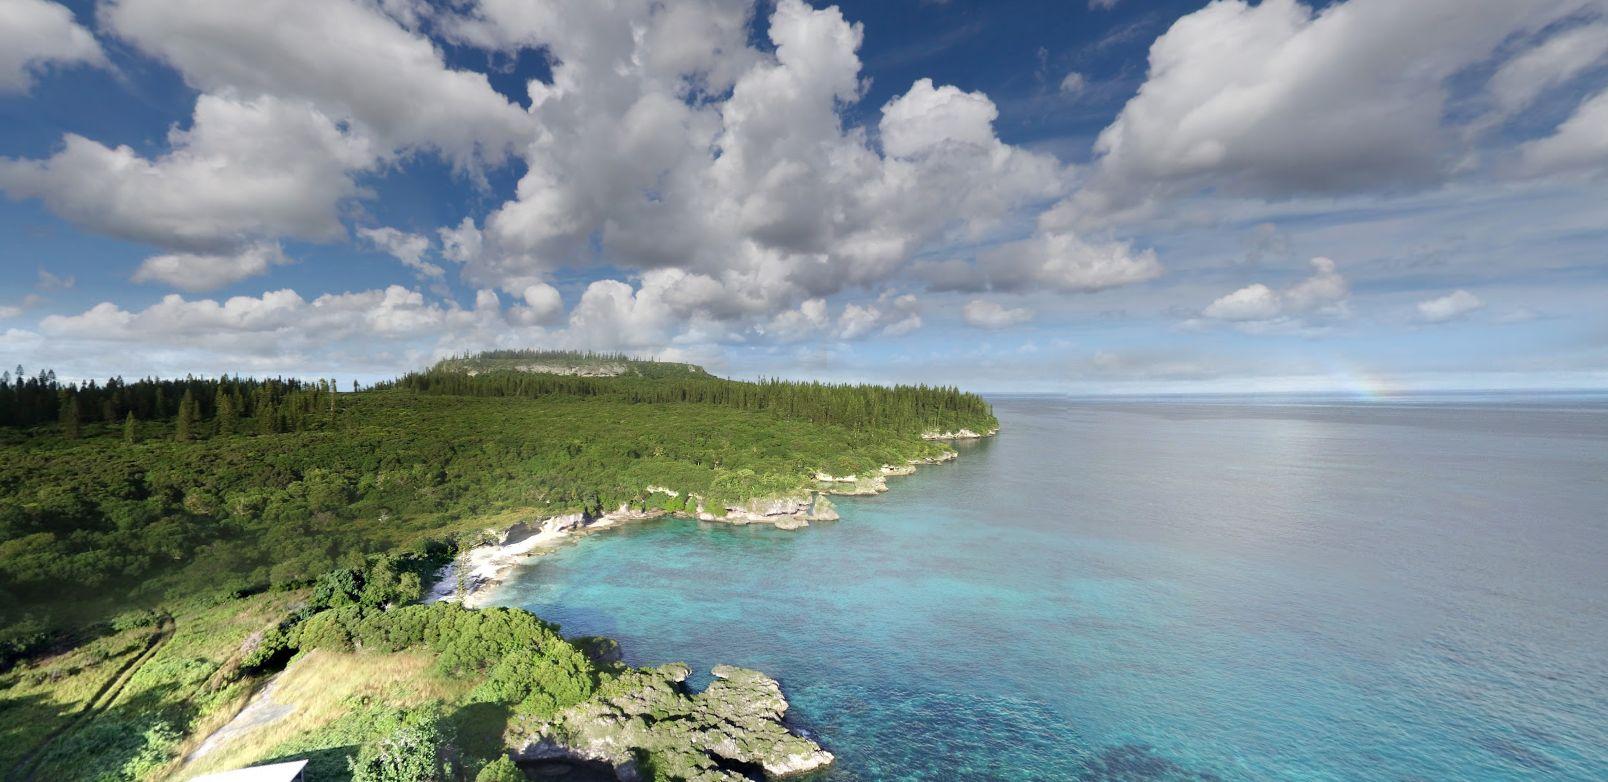 Új-Kaledónia népszavazáson erősítette meg, hogy nem akar függetlenséget, hanem francia gyarmat akar maradni